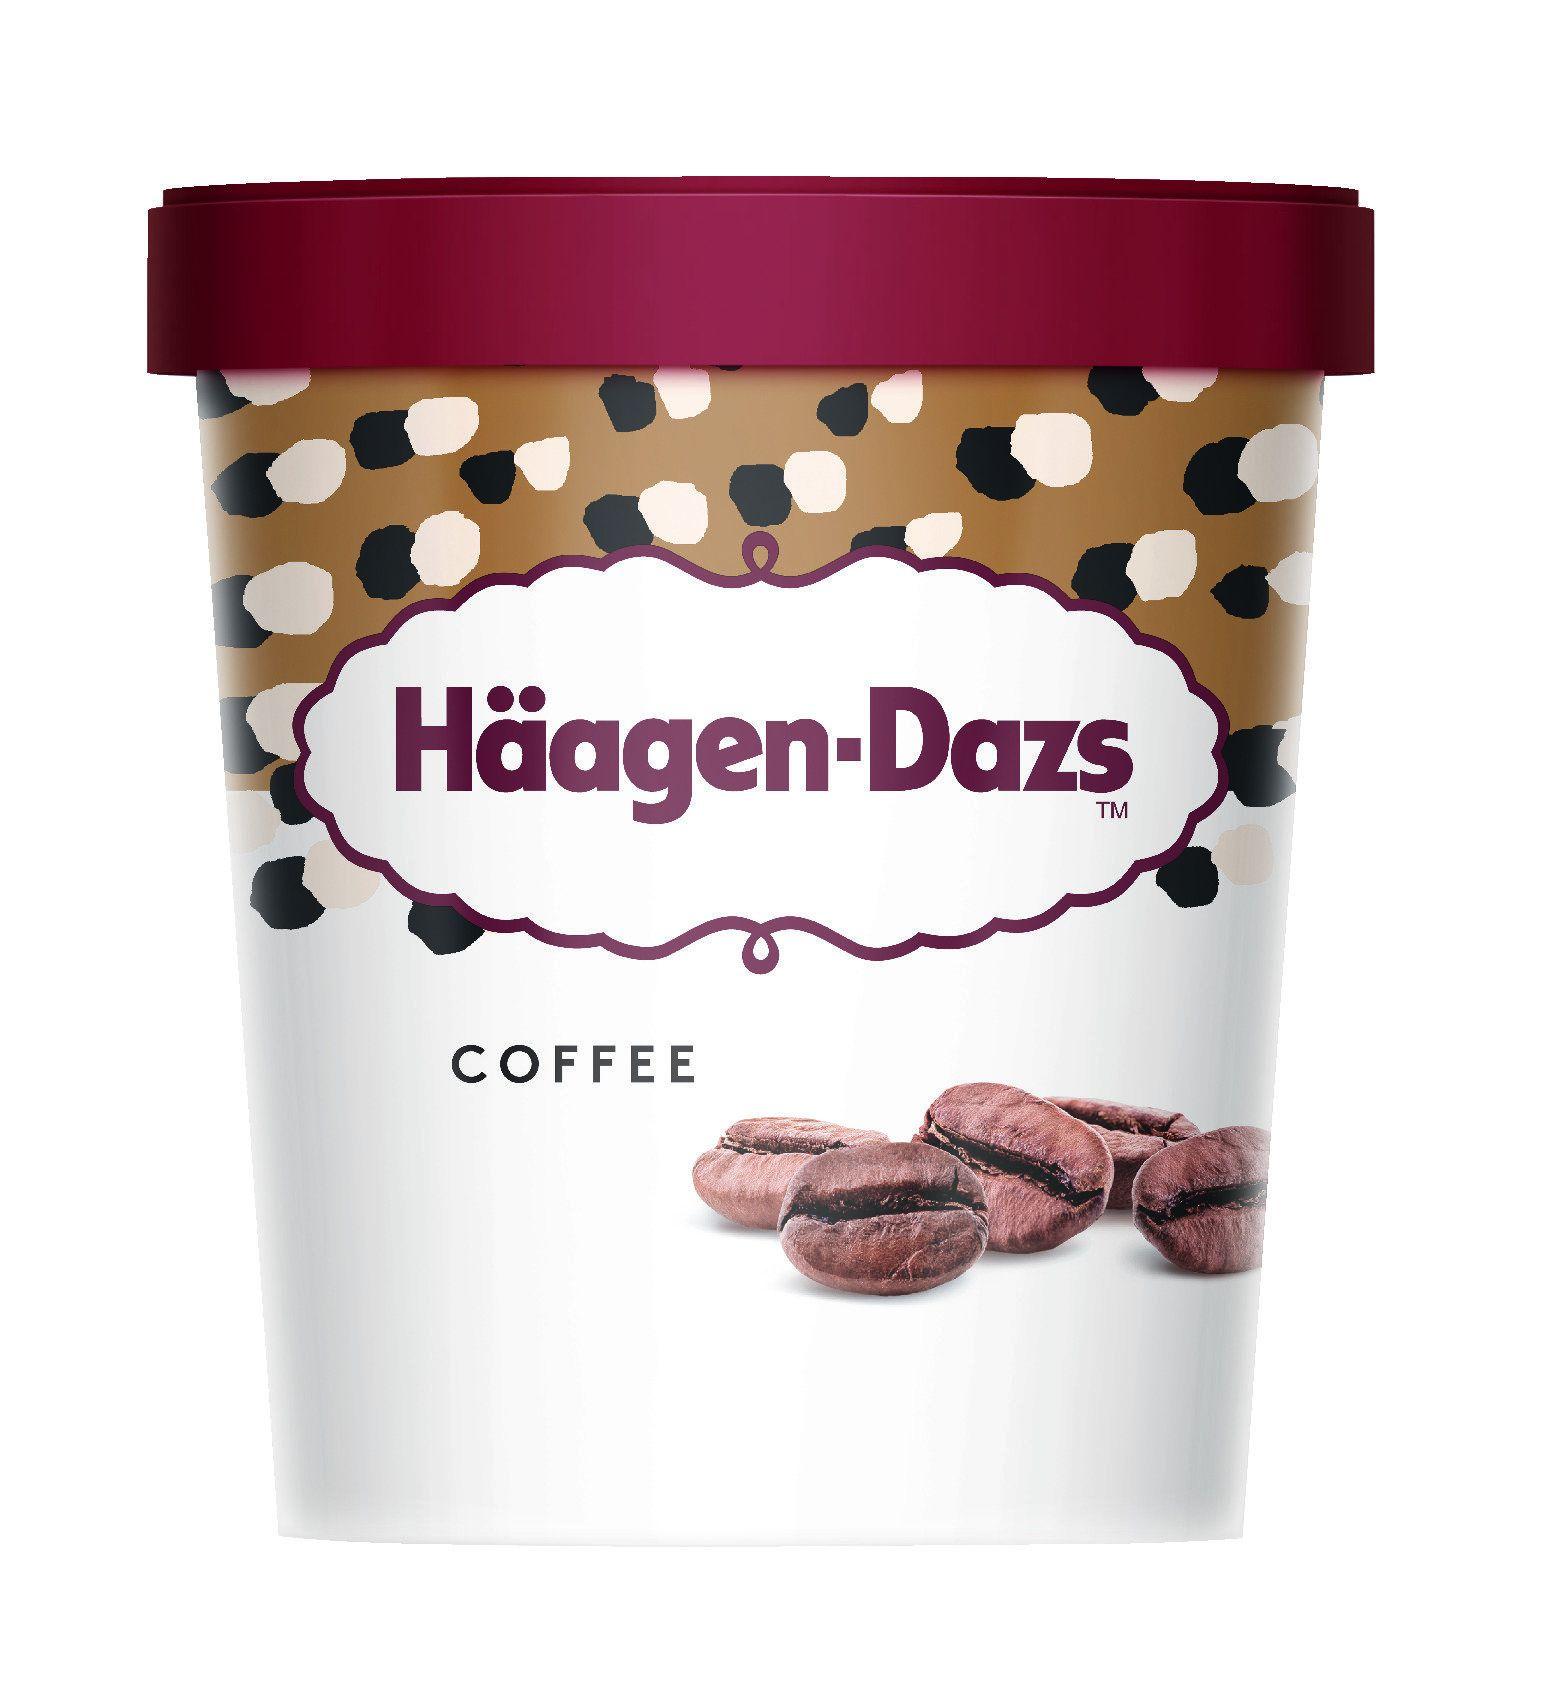 ข้อมูลโภชนาการ แคลอรี่ ฮาเก้นดาส-ไอศกรีมรสกาแฟ-haagen-dazs-coffee